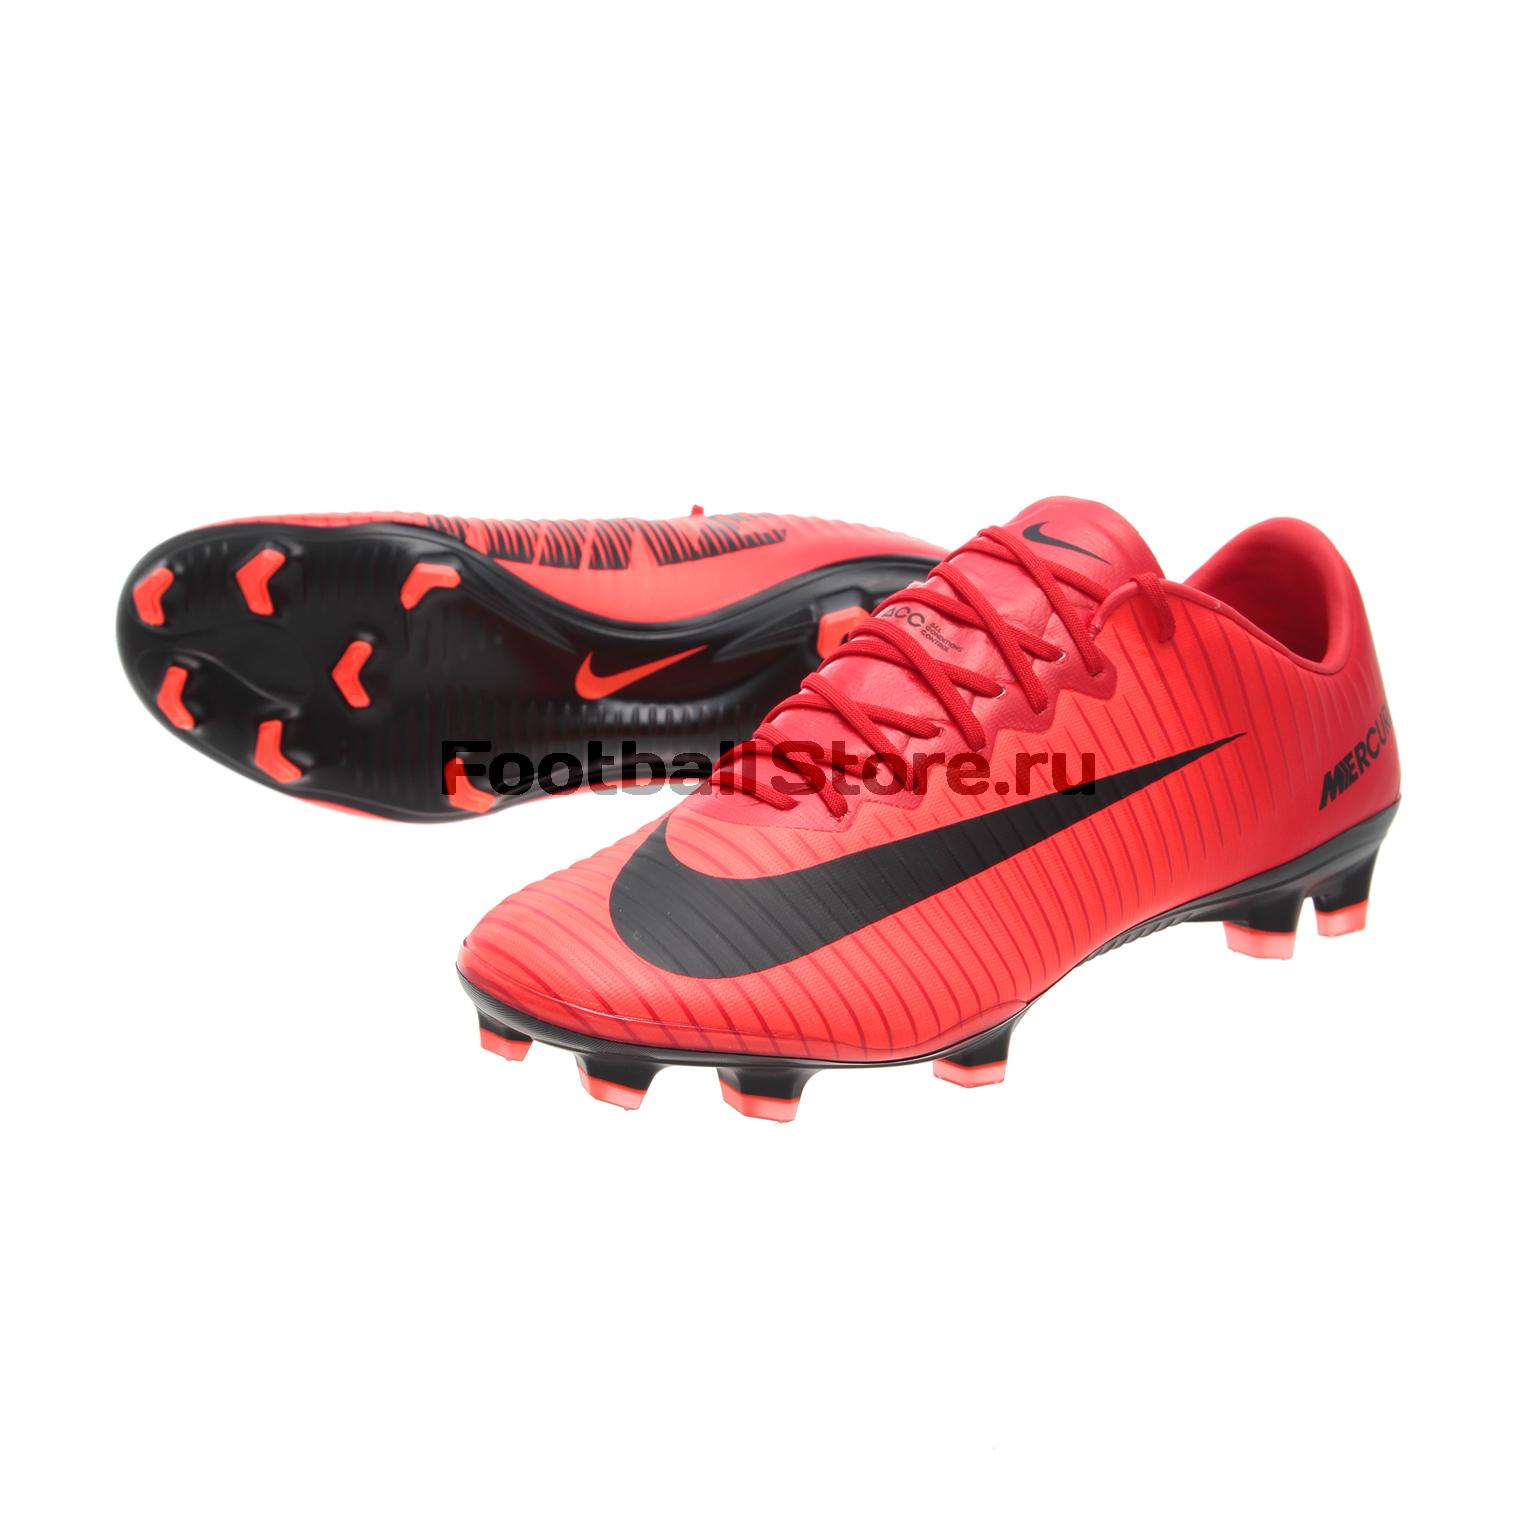 Игровые бутсы Nike Бутсы Nike Mercurial Vapor XI FG 831958-616 спортинвентарь nike чехол для iphone 6 на руку nike vapor flash arm band 2 0 n rn 50 078 os